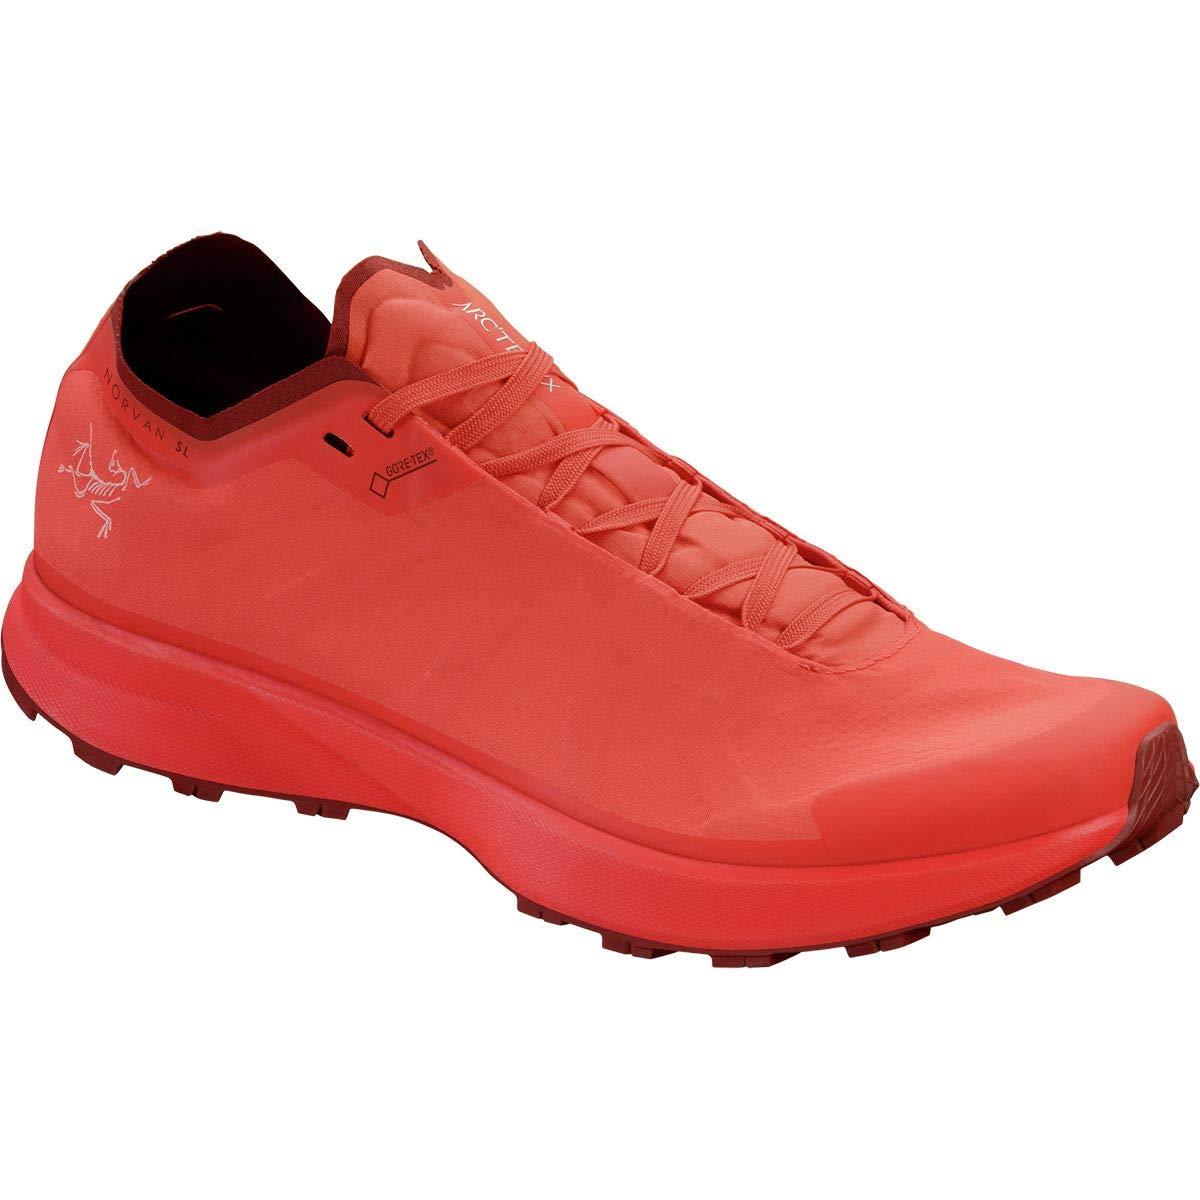 【正規品】 [アークテリクス] レディース ランニング Norvan SL GTX SL GTX Running Shoe [並行輸入品] [並行輸入品] B07P1RXL9P US-6.5/UK-5.0, 部品堂:65e8b8f9 --- hotel.officeporto.com